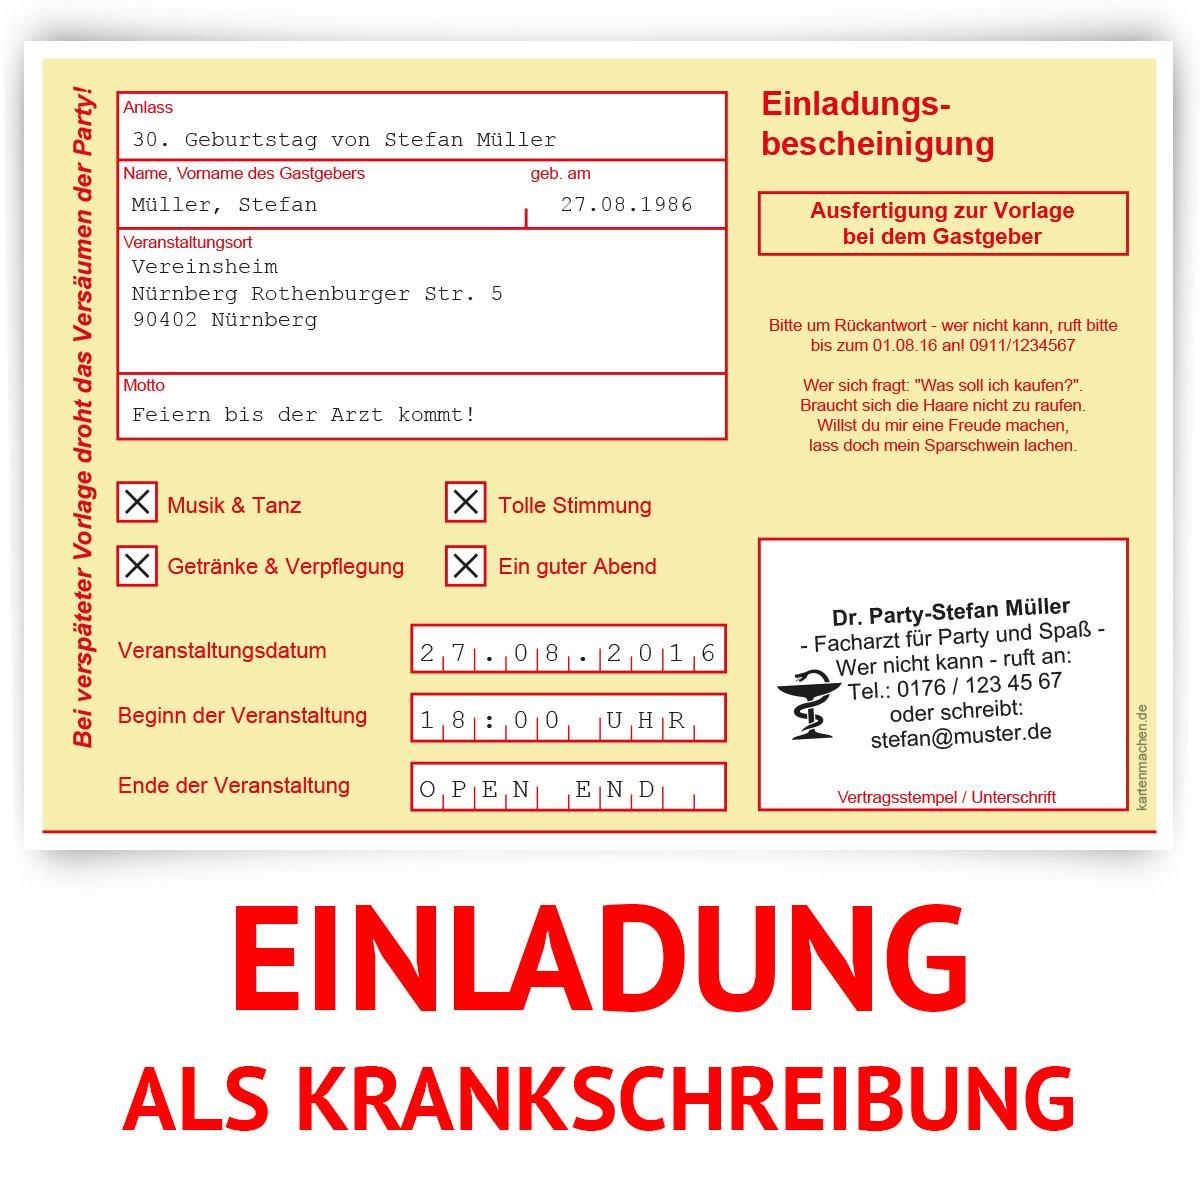 Einladungskarten zum Geburtstag (30 Stück) als Krankschreibung ...